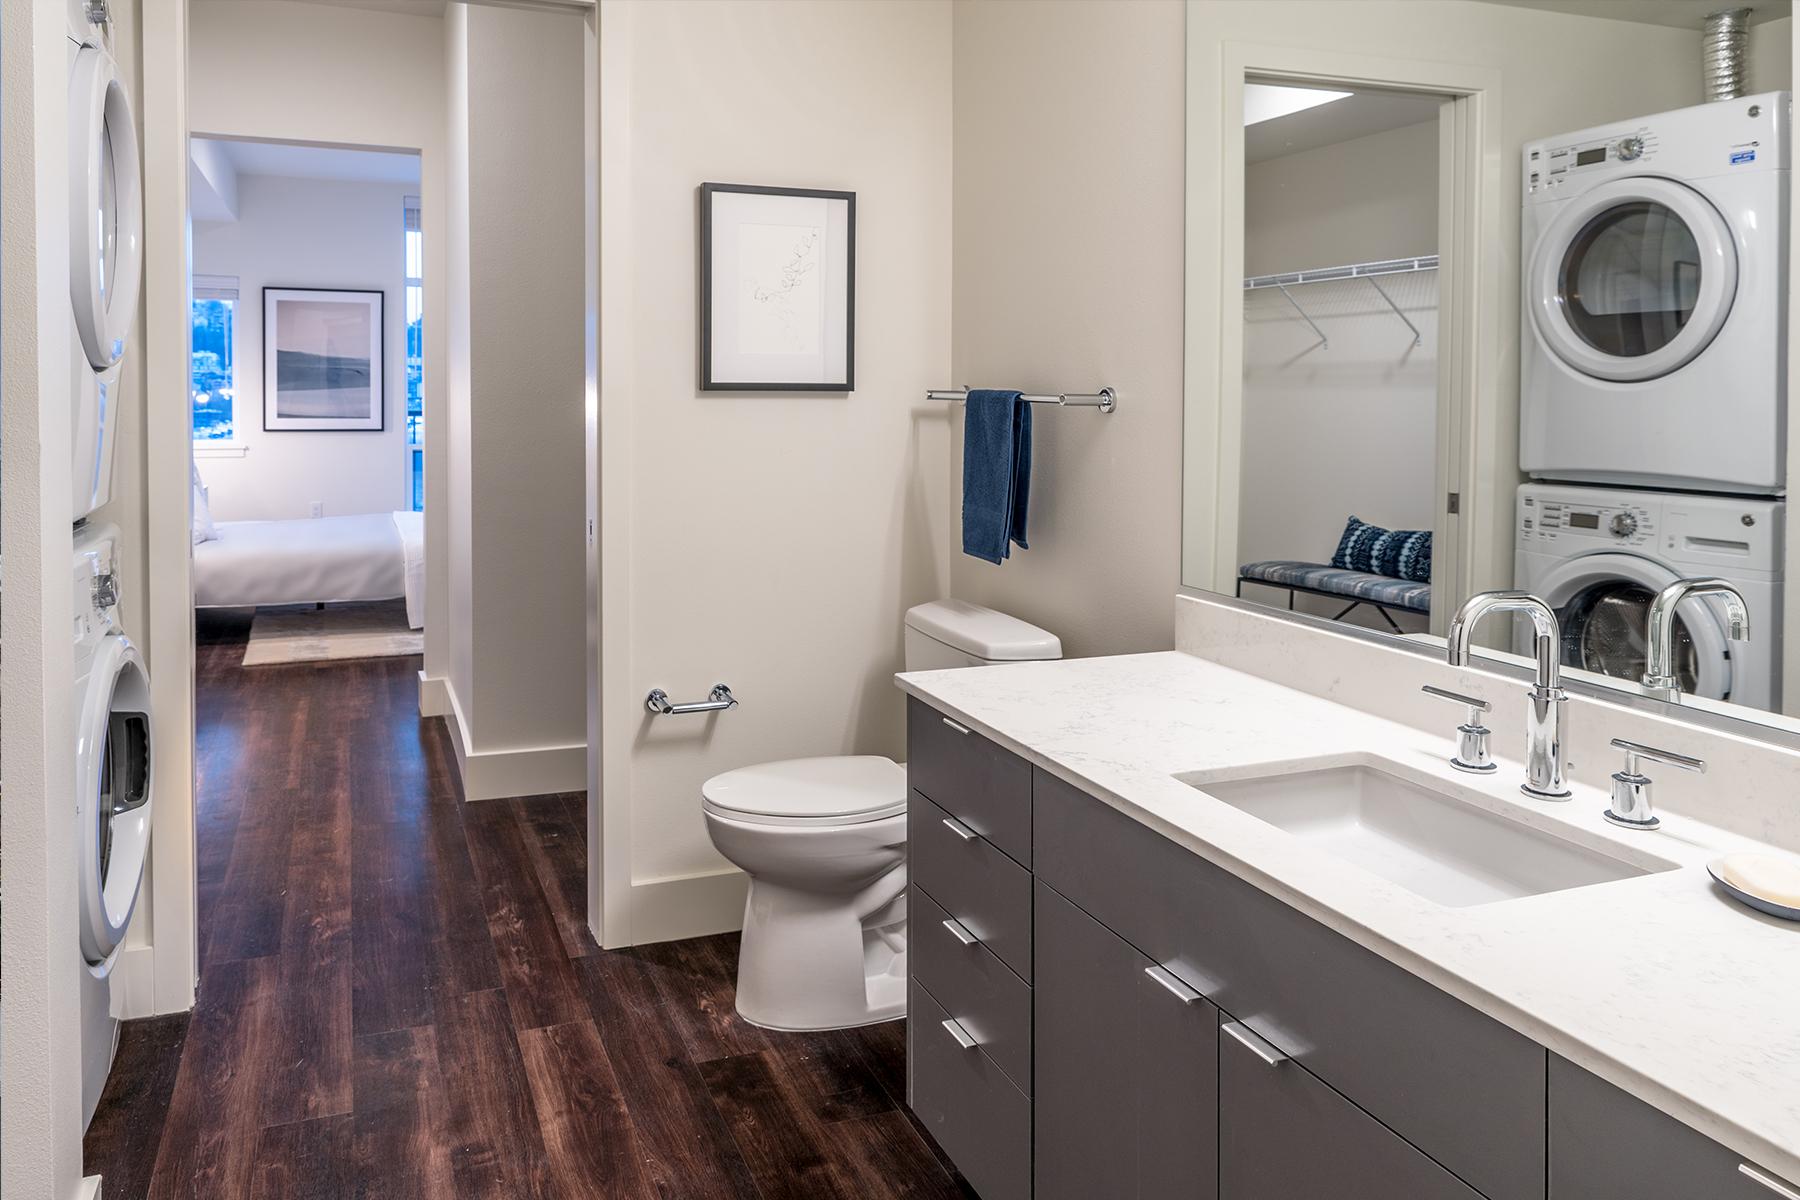 Waterton_Bathroom.jpg